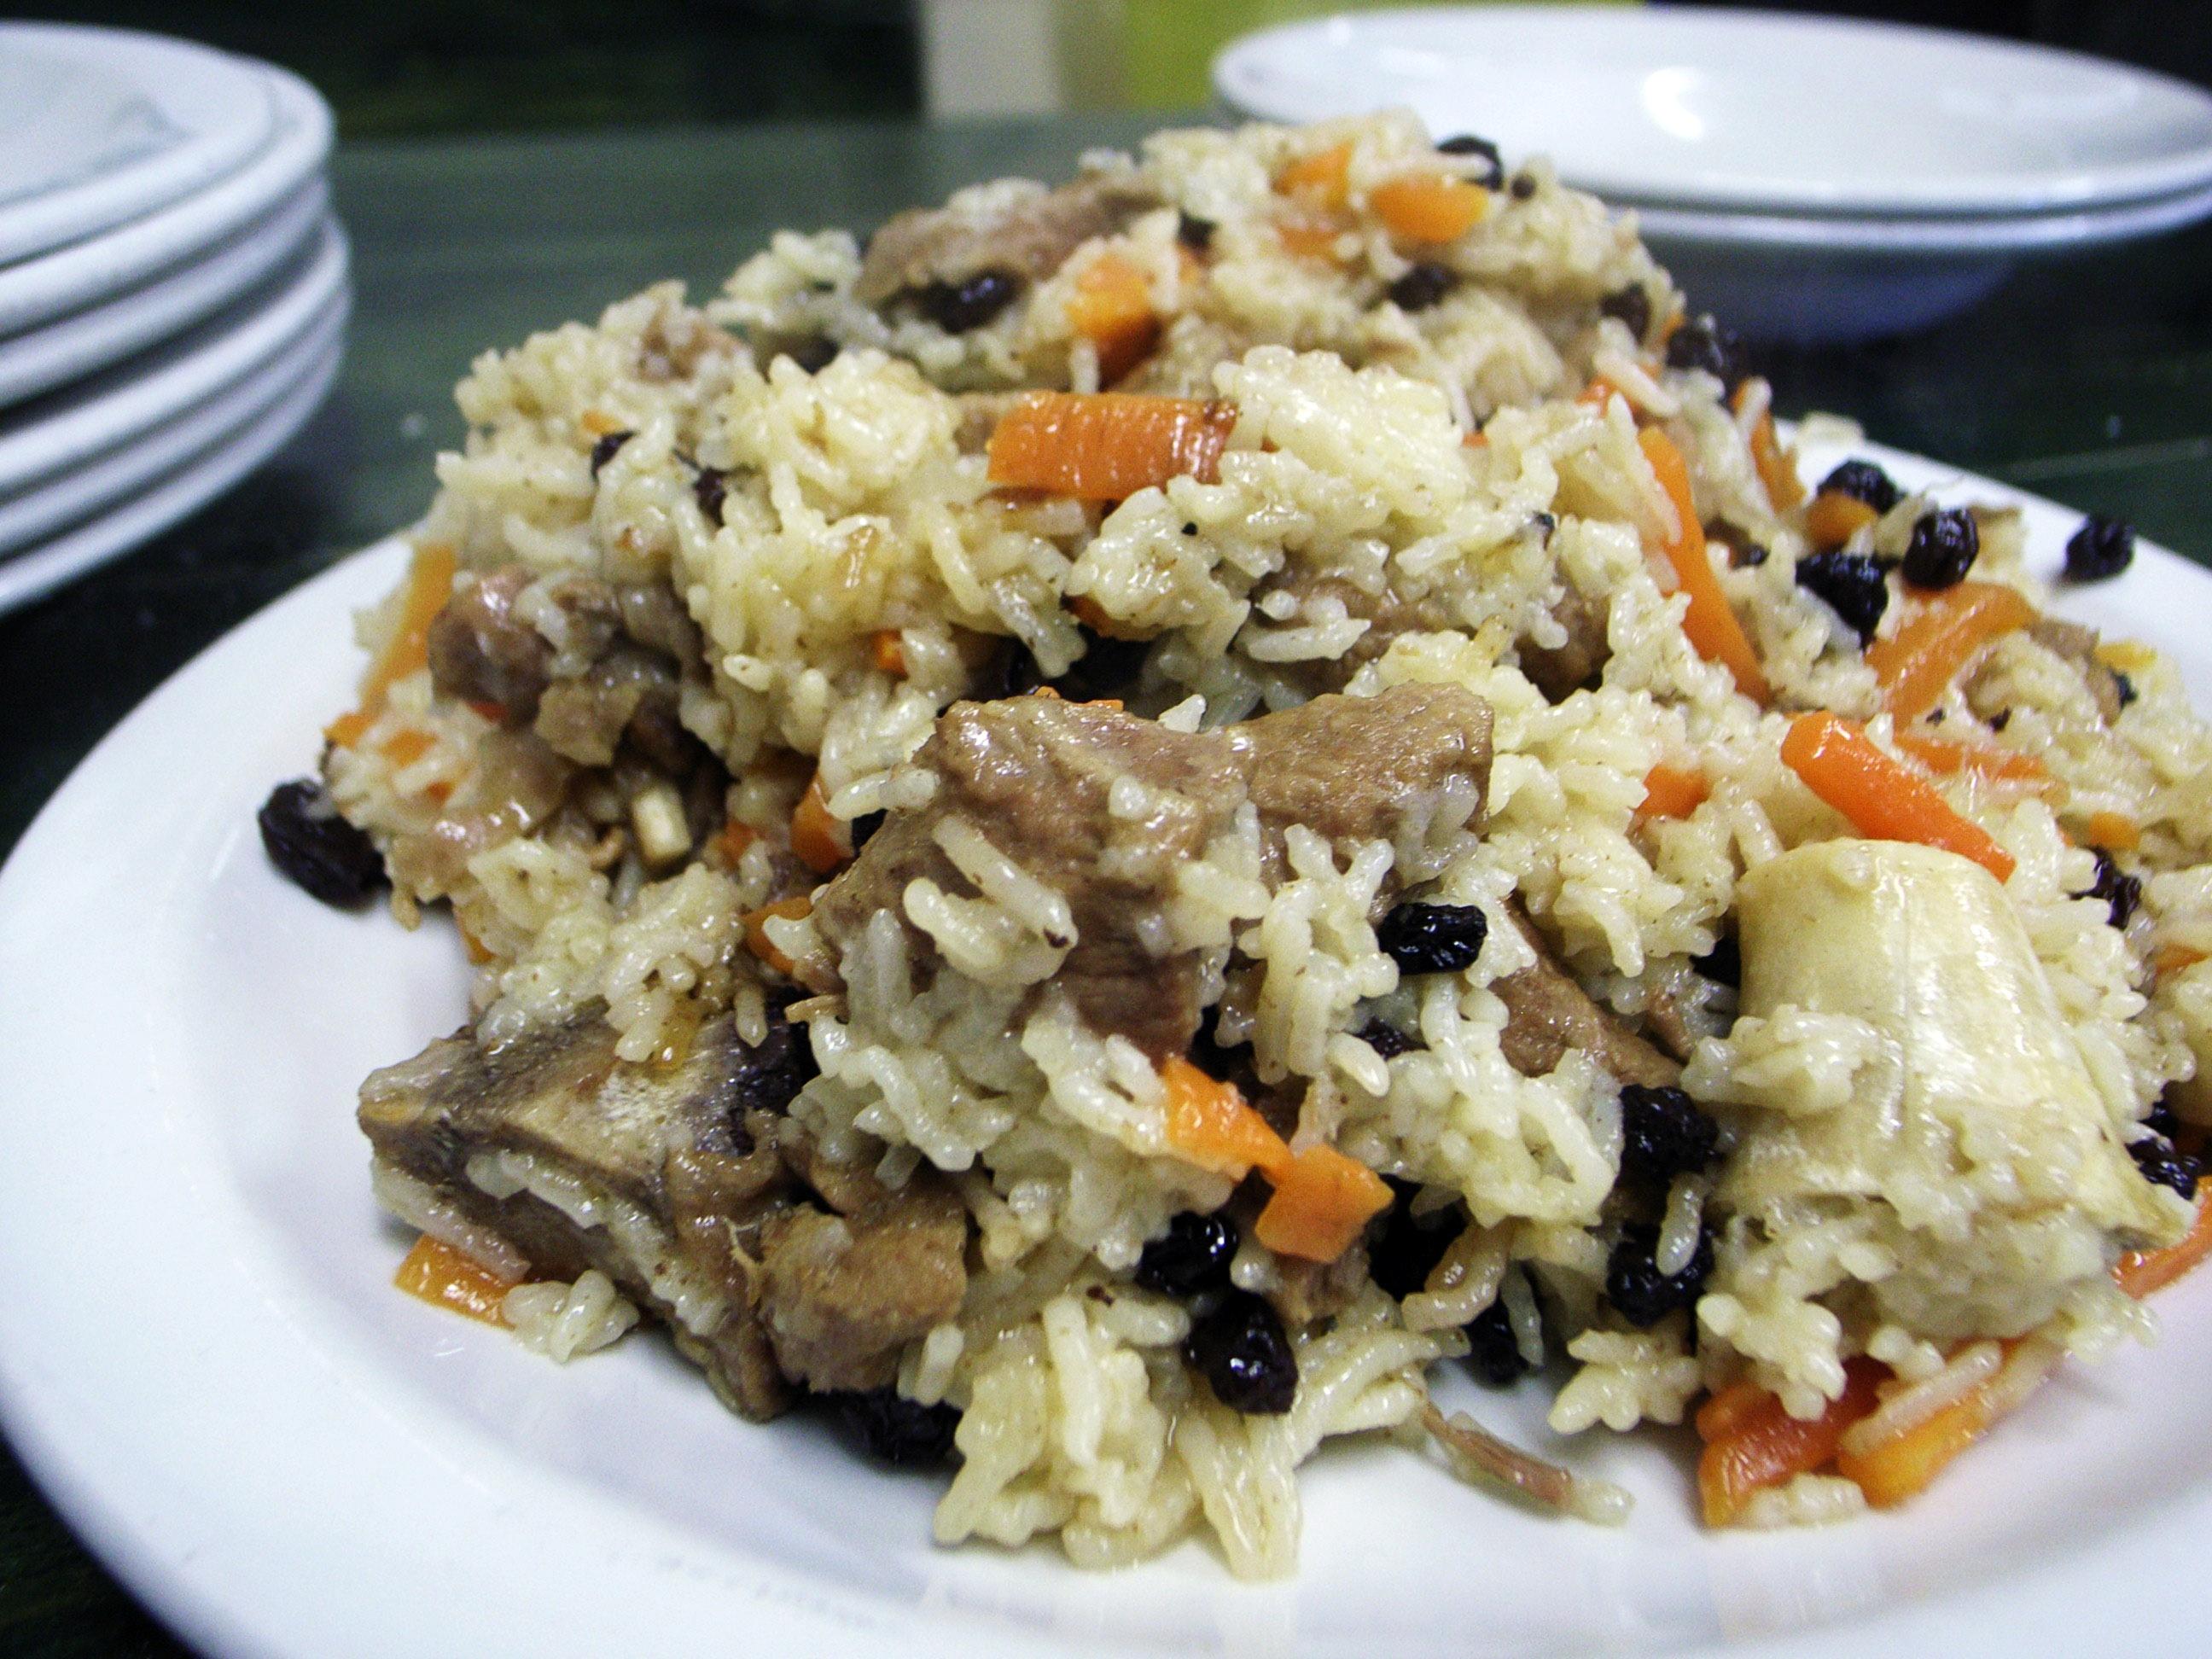 Salaam afghanistan cuisine for Afghanistani cuisine